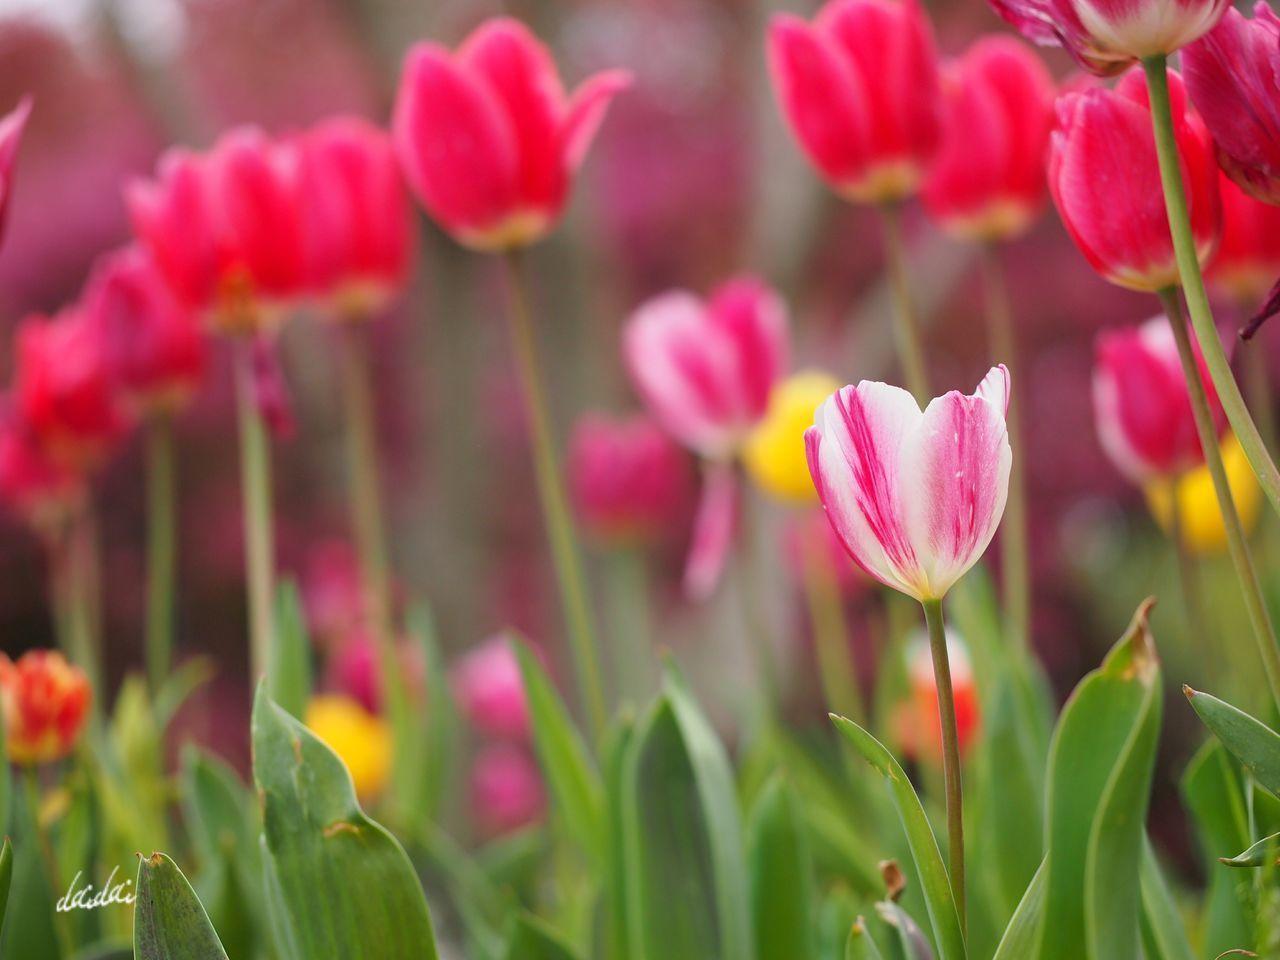 あたしもいつか先輩たちのように華やかに E-PL3 フルサイズの一眼が欲しくなってきたよ。。。 Fukuokadeeps 海の中道海浜公園 花 Flower Bokeh Noedit チューリップ Tulip